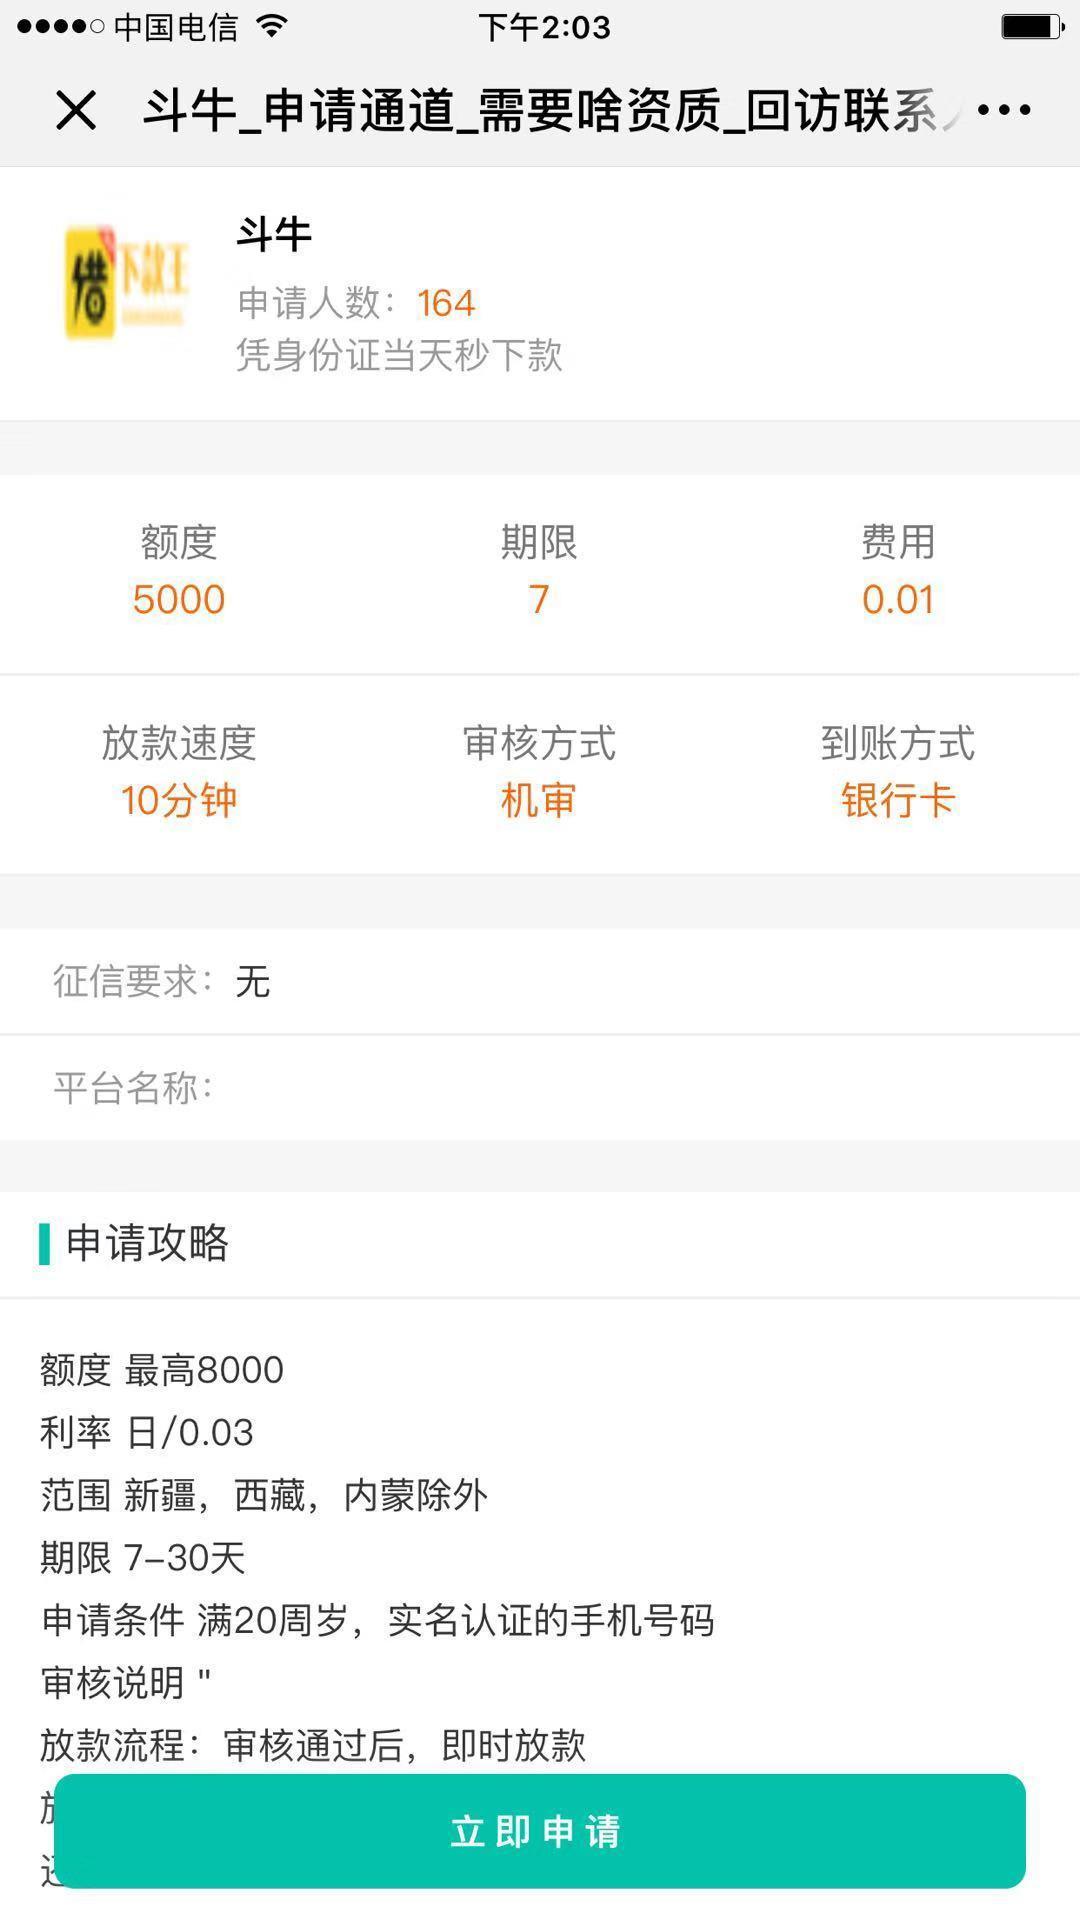 斗牛贷款app极速版下载 121下载站